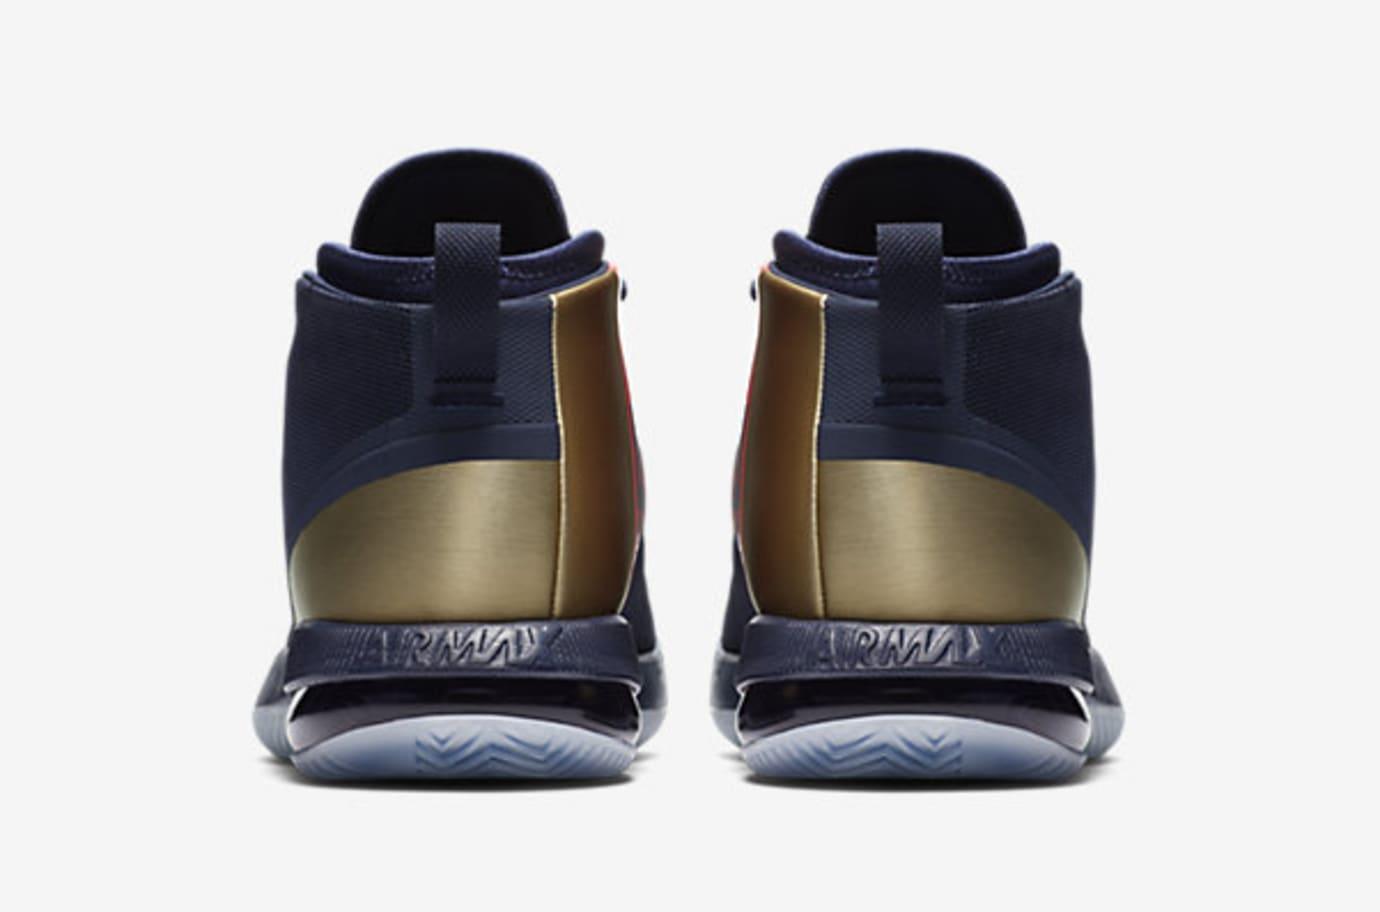 Nike Air Max Dominate Demarcus Cousins AH9685-900 (Heel)